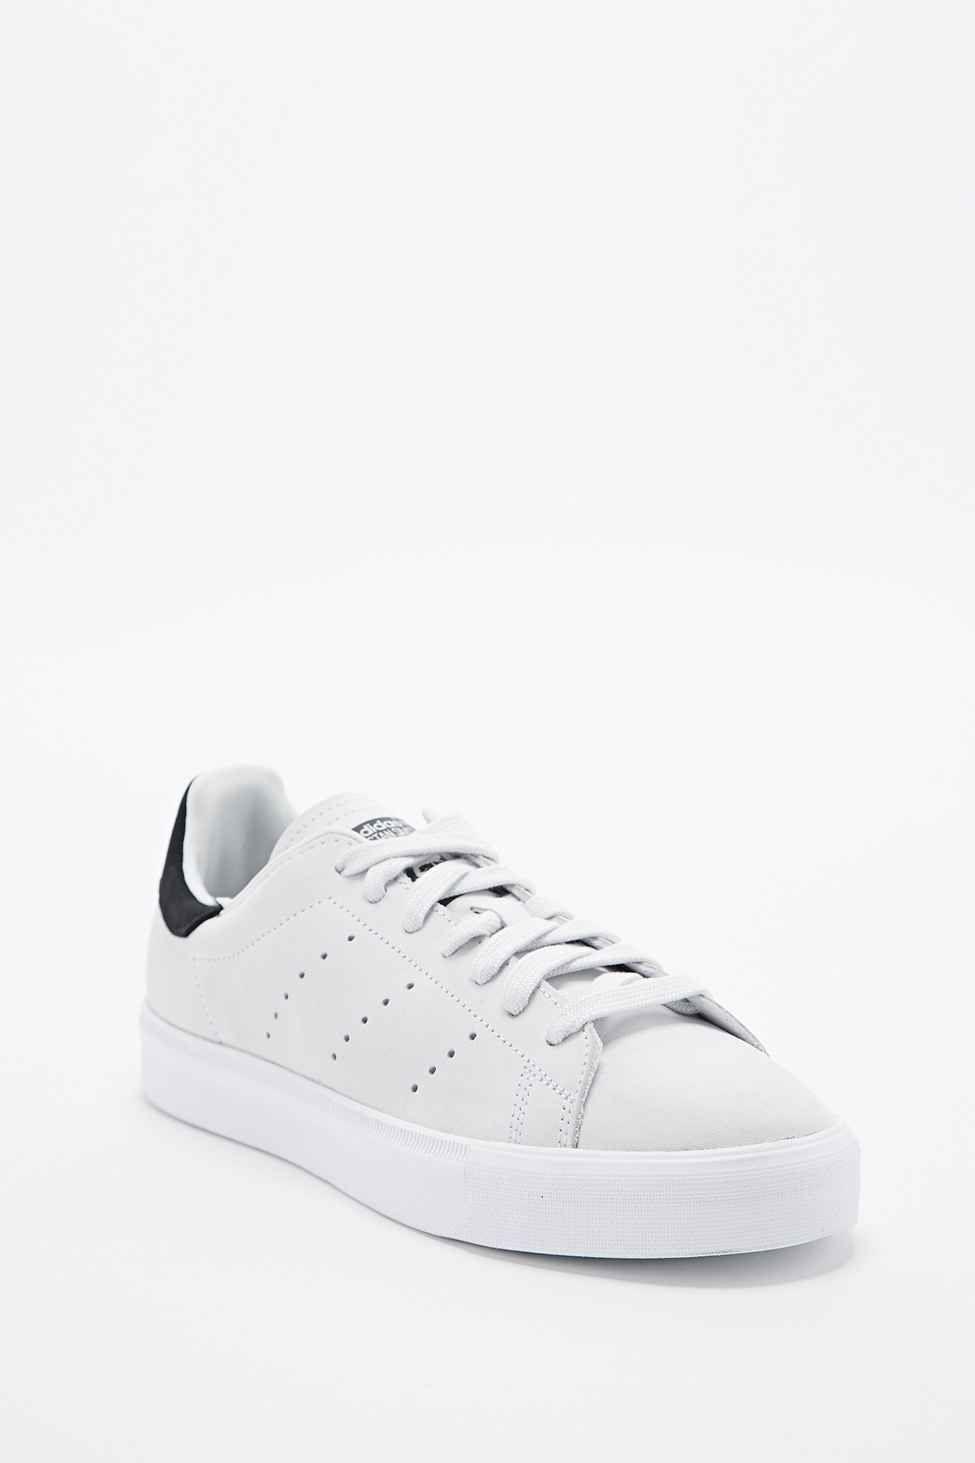 Adidas Sneaker Stan Smith In Weiss Und Schwarz Stan Smith Trainers Adidas Stan Smith Black Nike Trainers